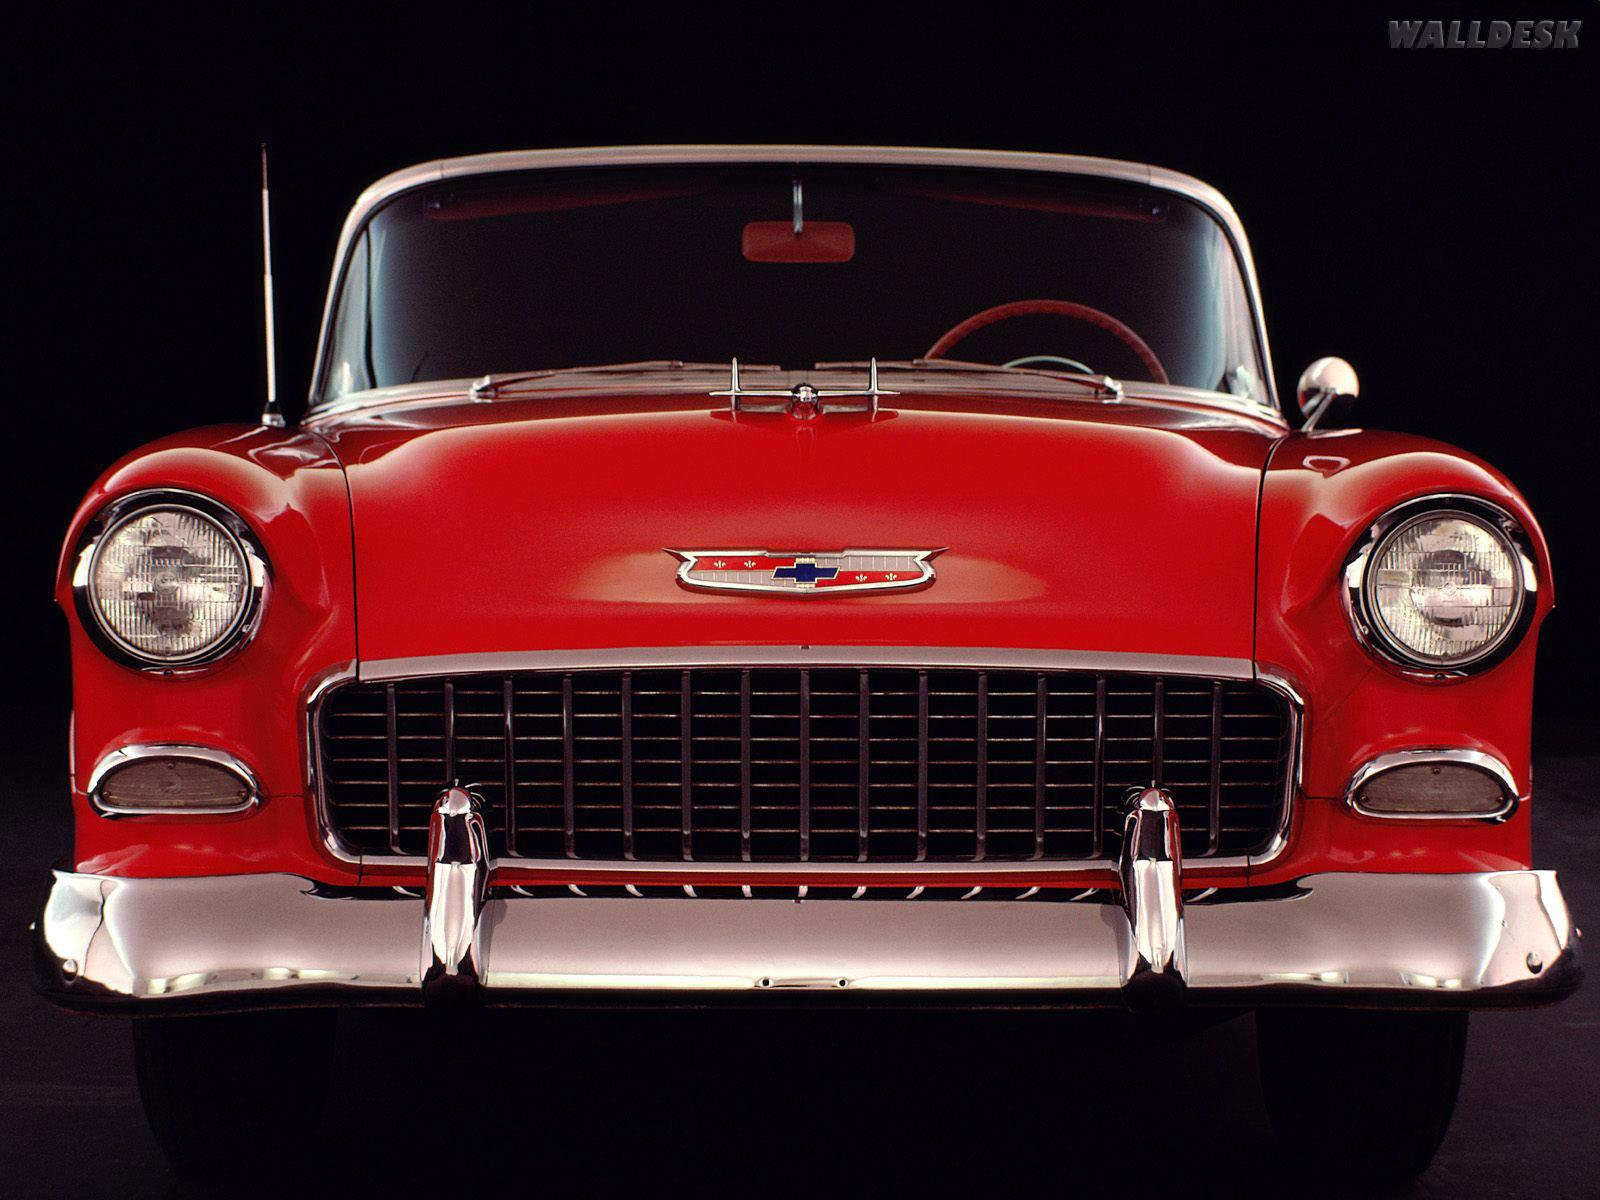 Classico Americano Da Chevrolet Em 1955 Wallpaper 1955 Chevy Bel